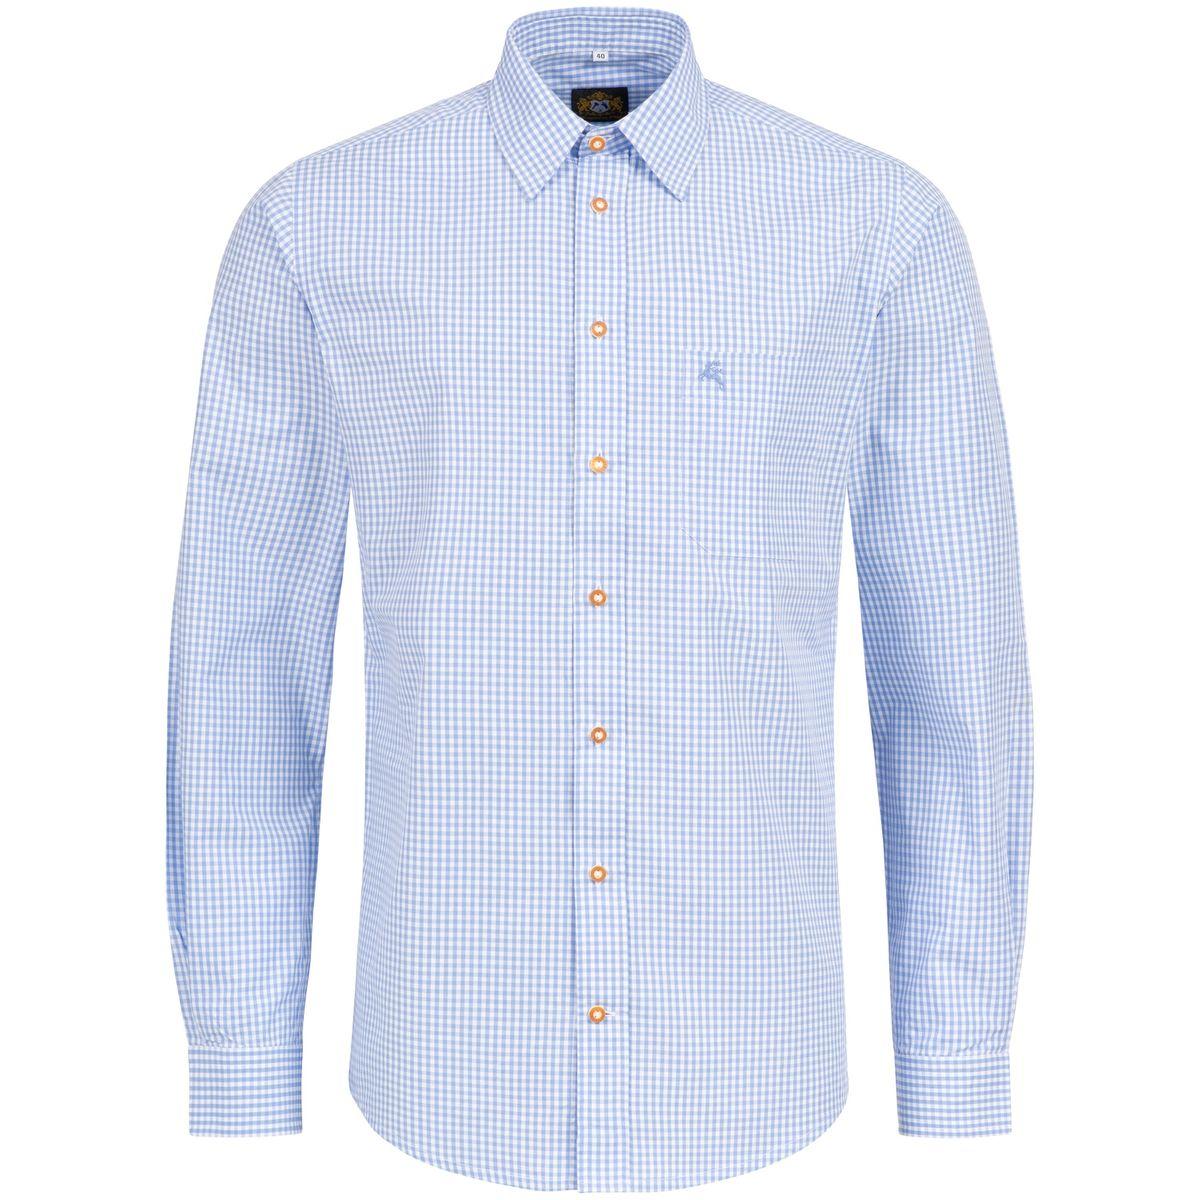 Trachtenhemd Richard Slim Fit in Hellblau von Hammerschmid günstig online kaufen